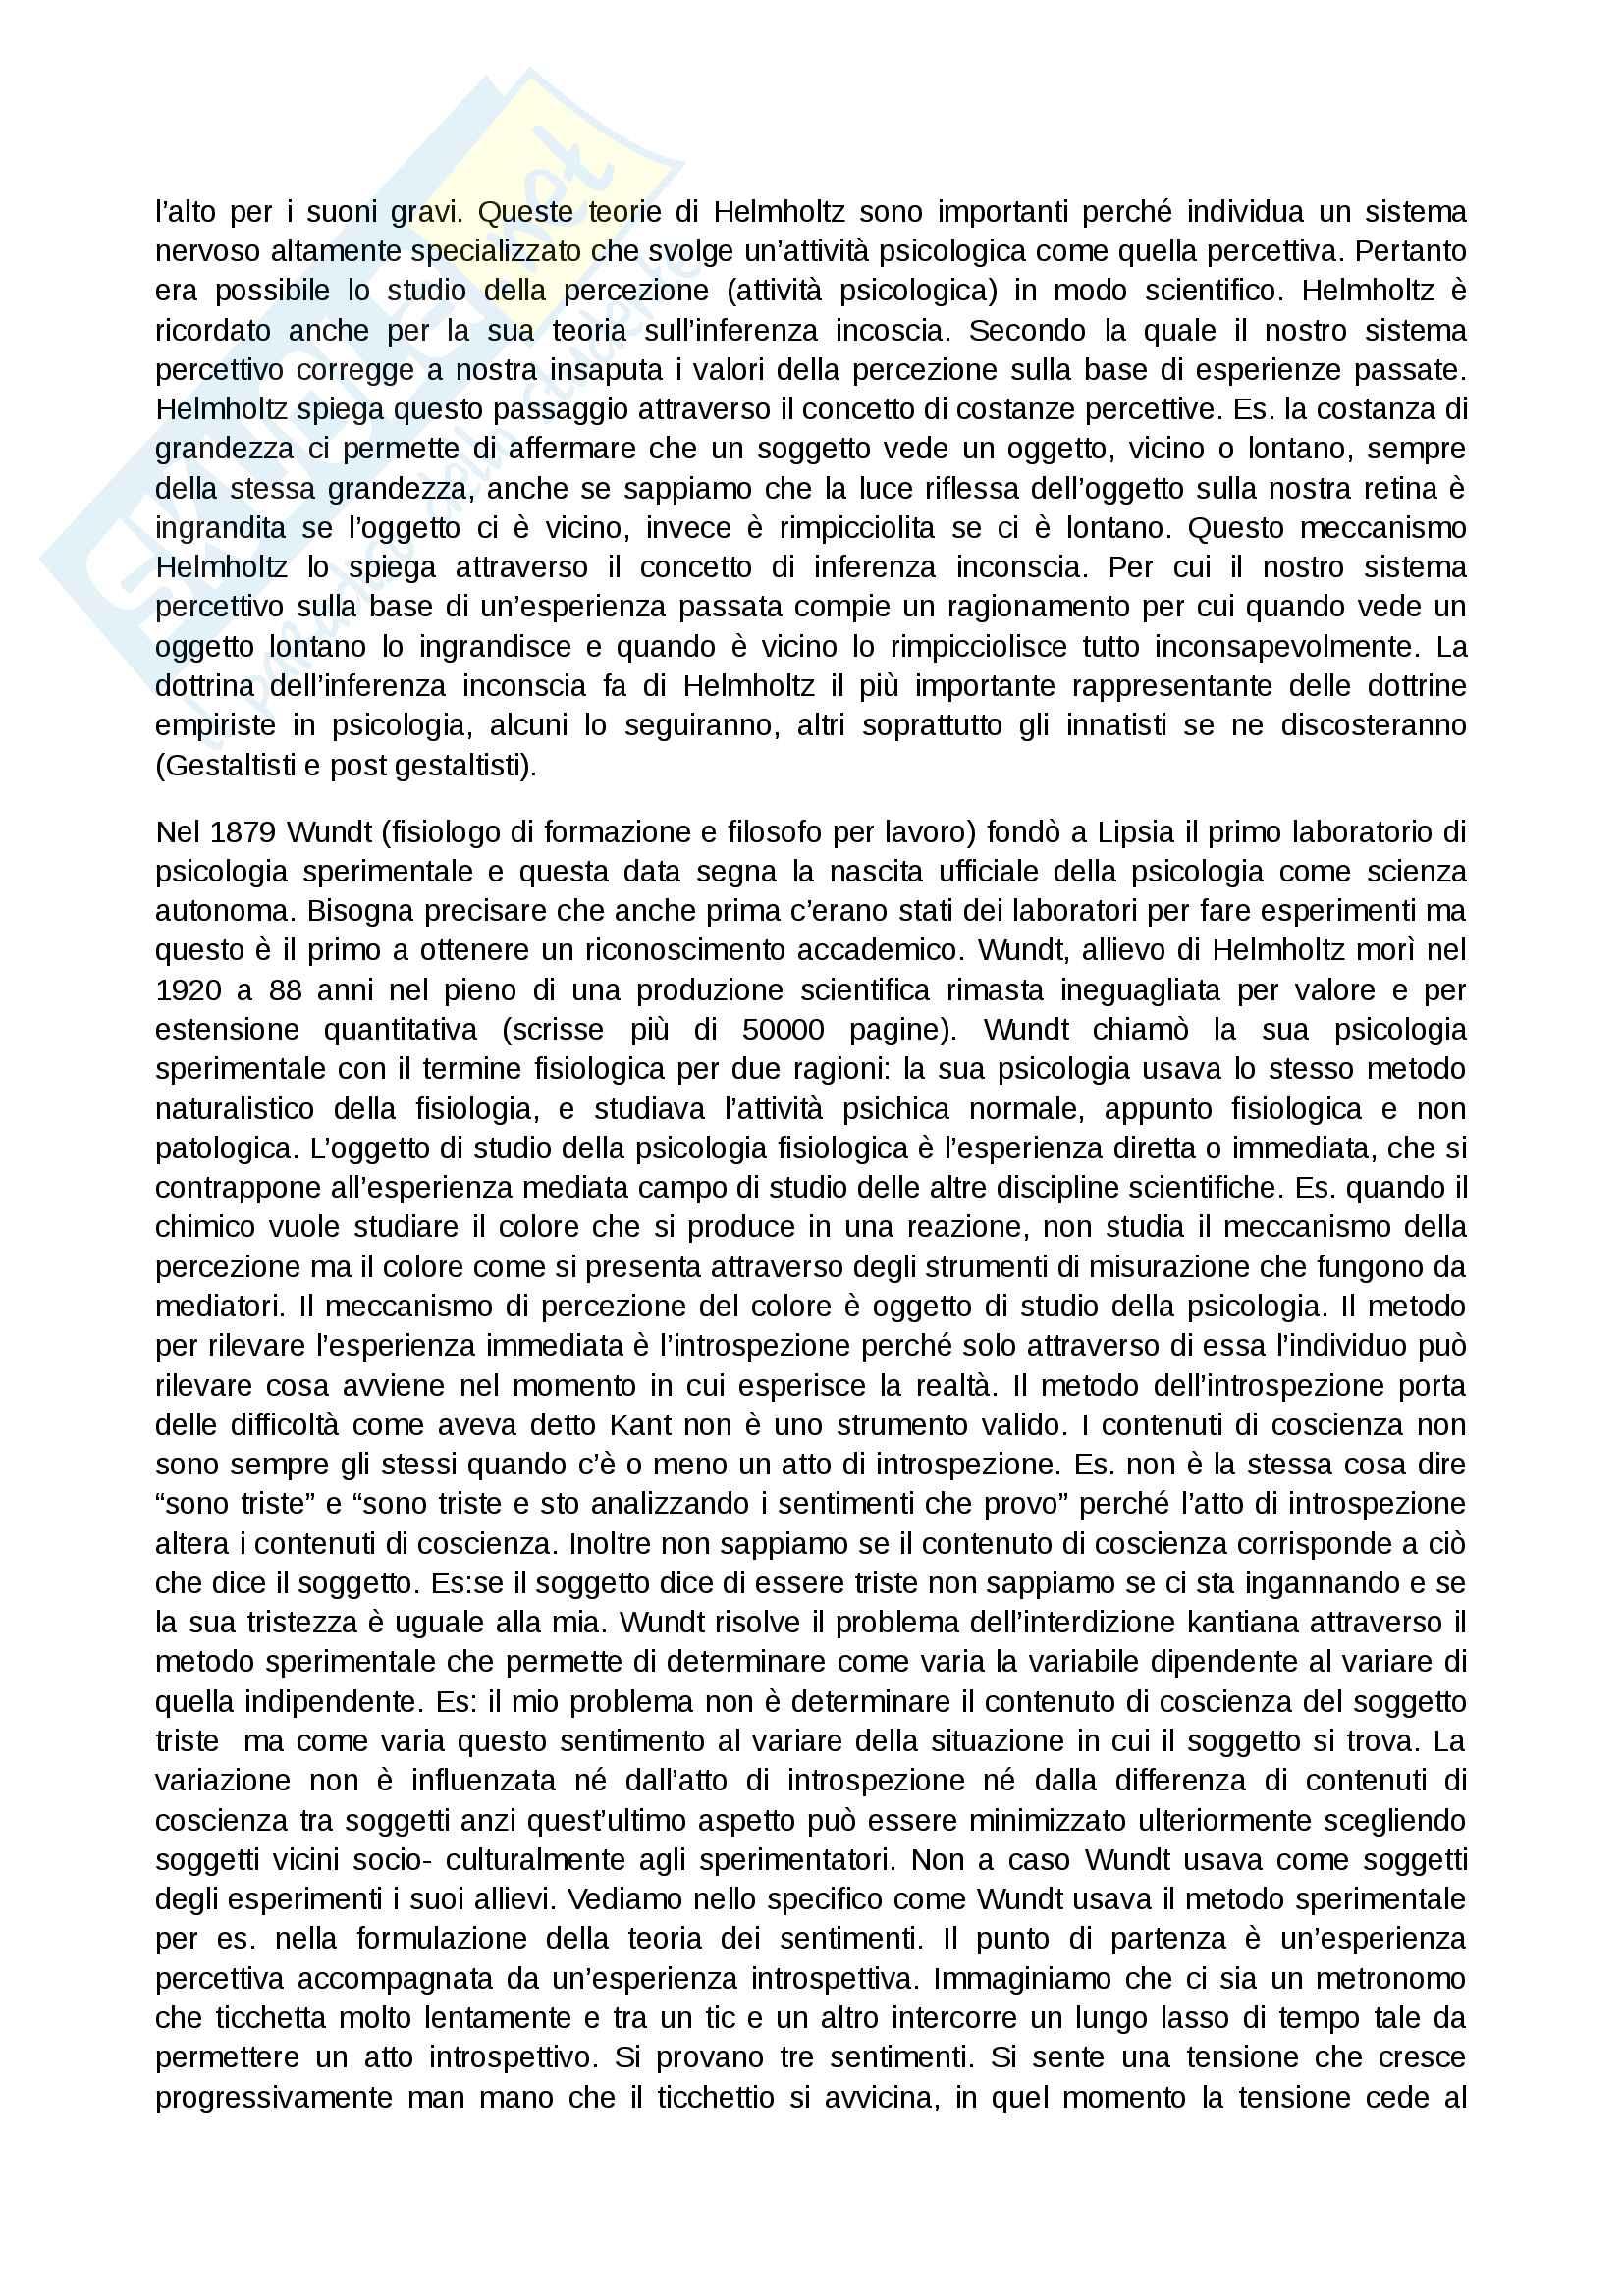 Riassunto origini e storia psicologia Pag. 6